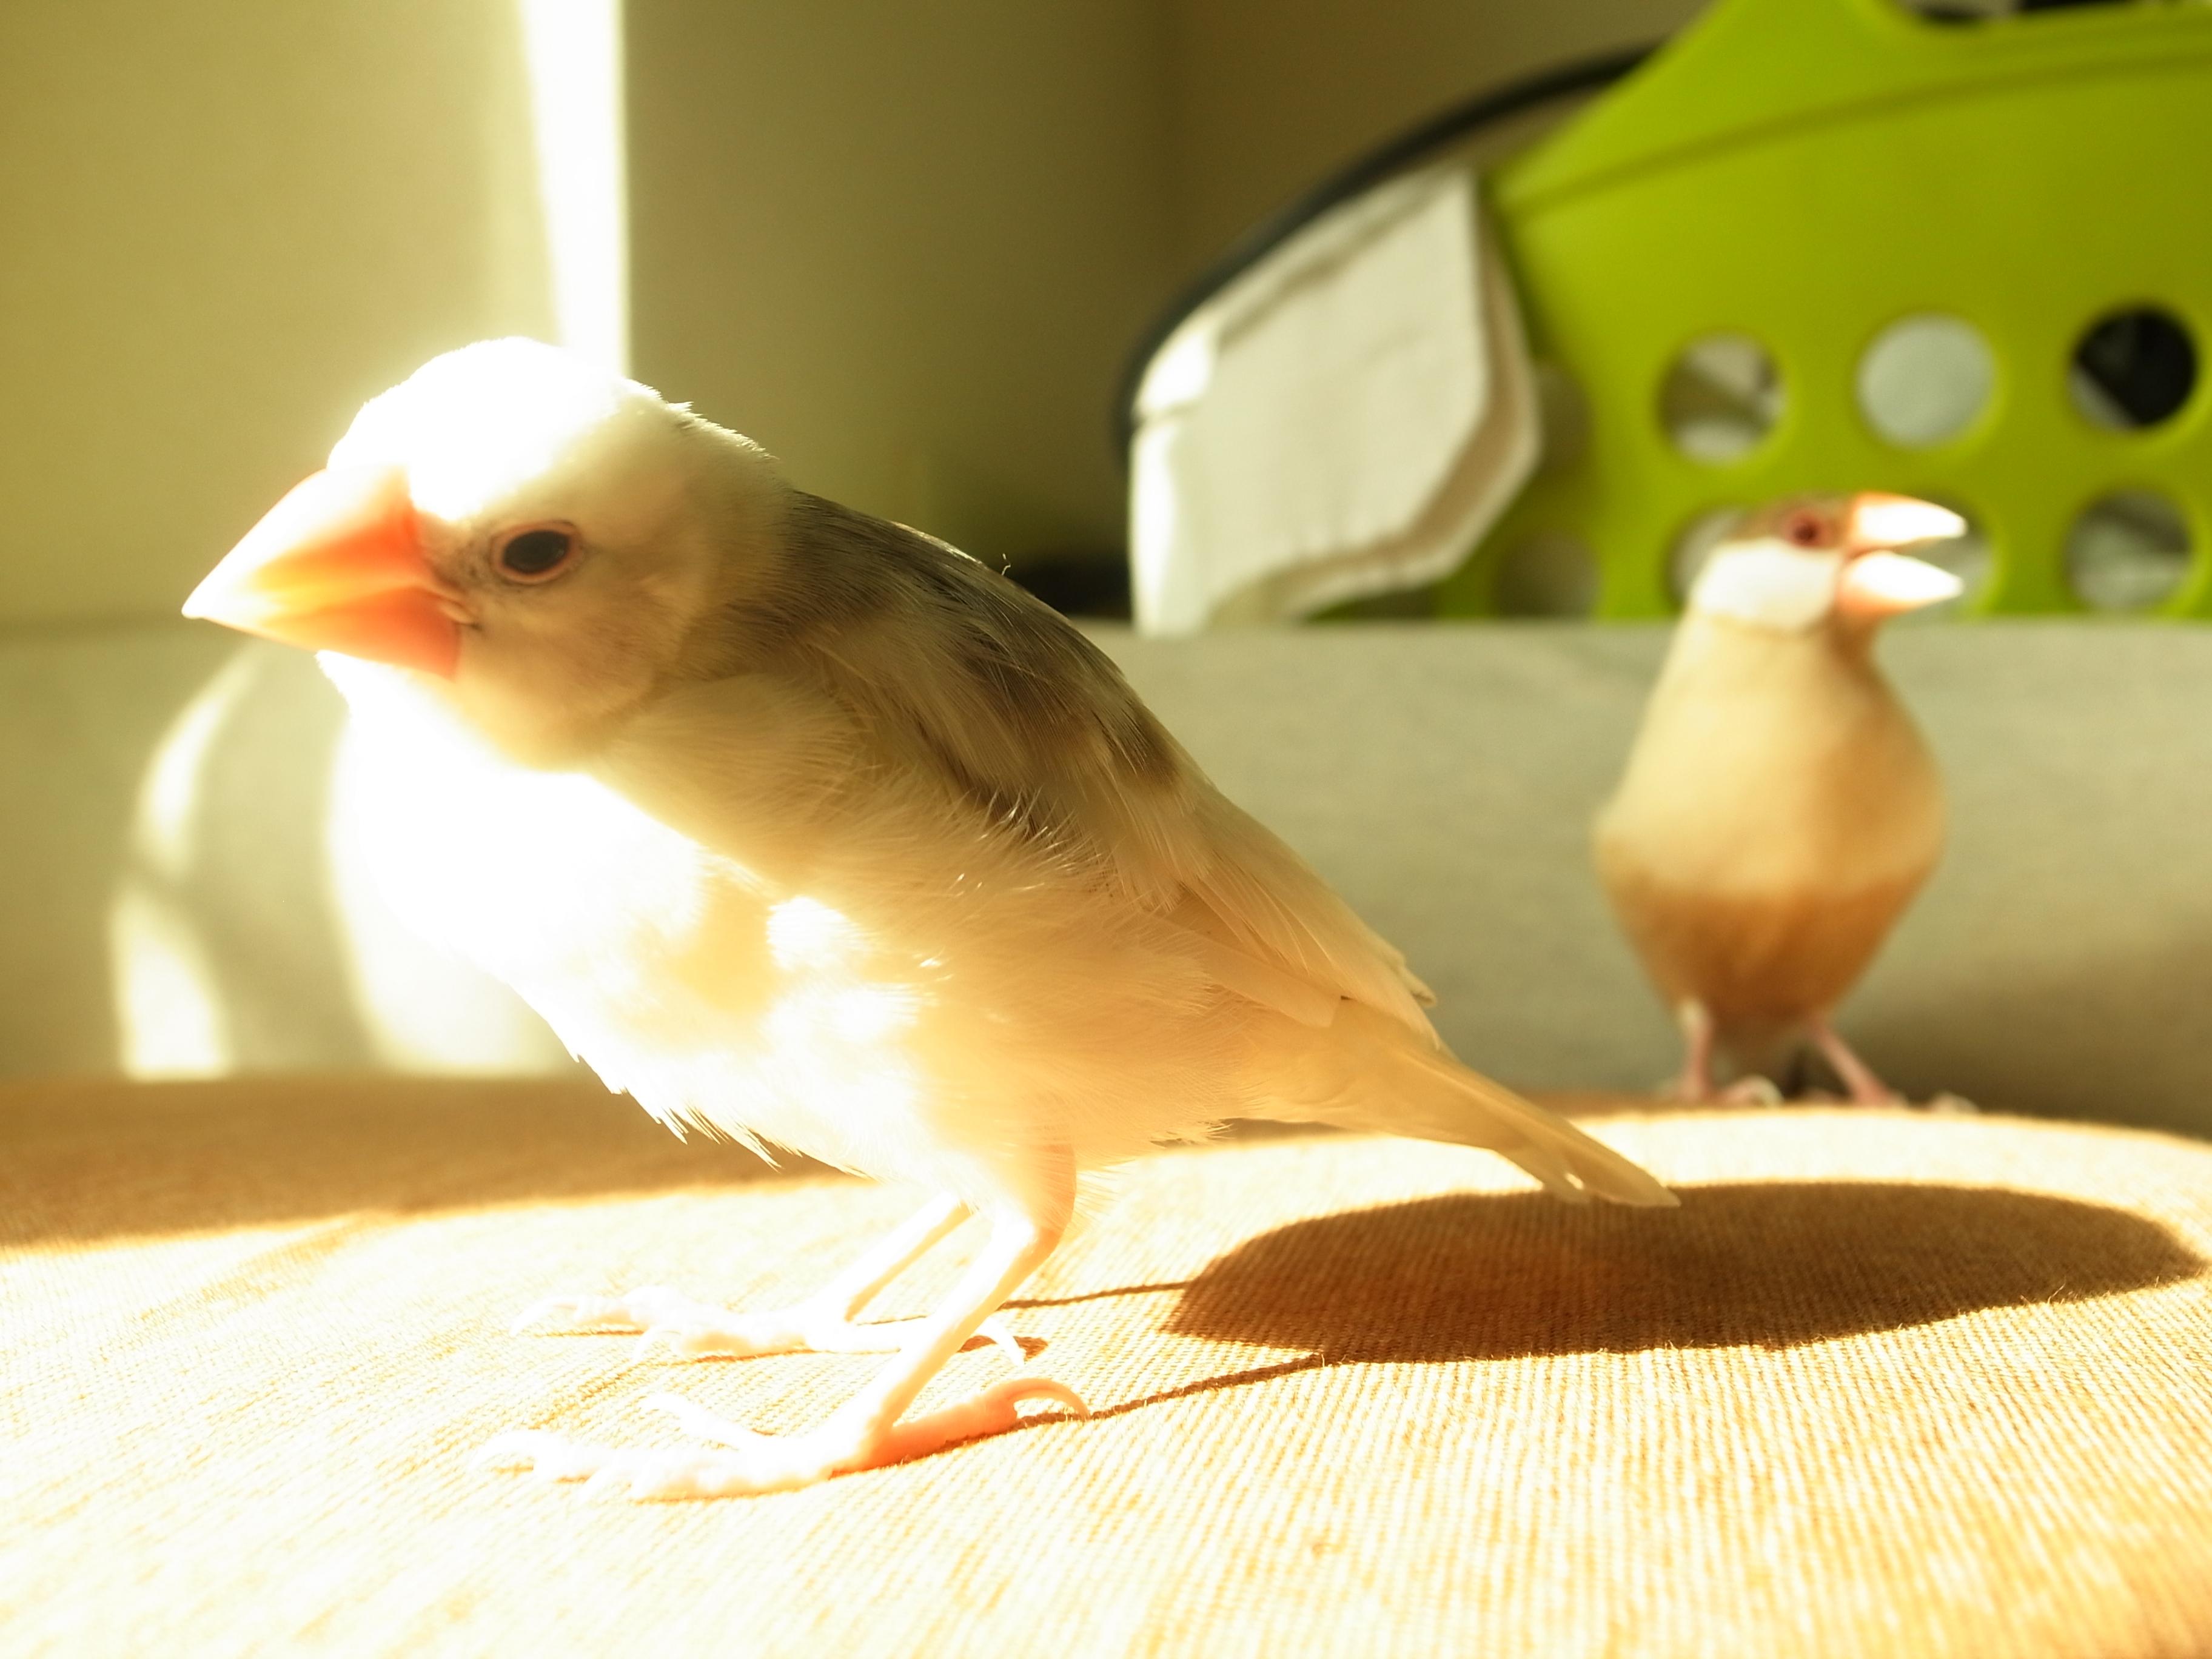 つんつんする文鳥